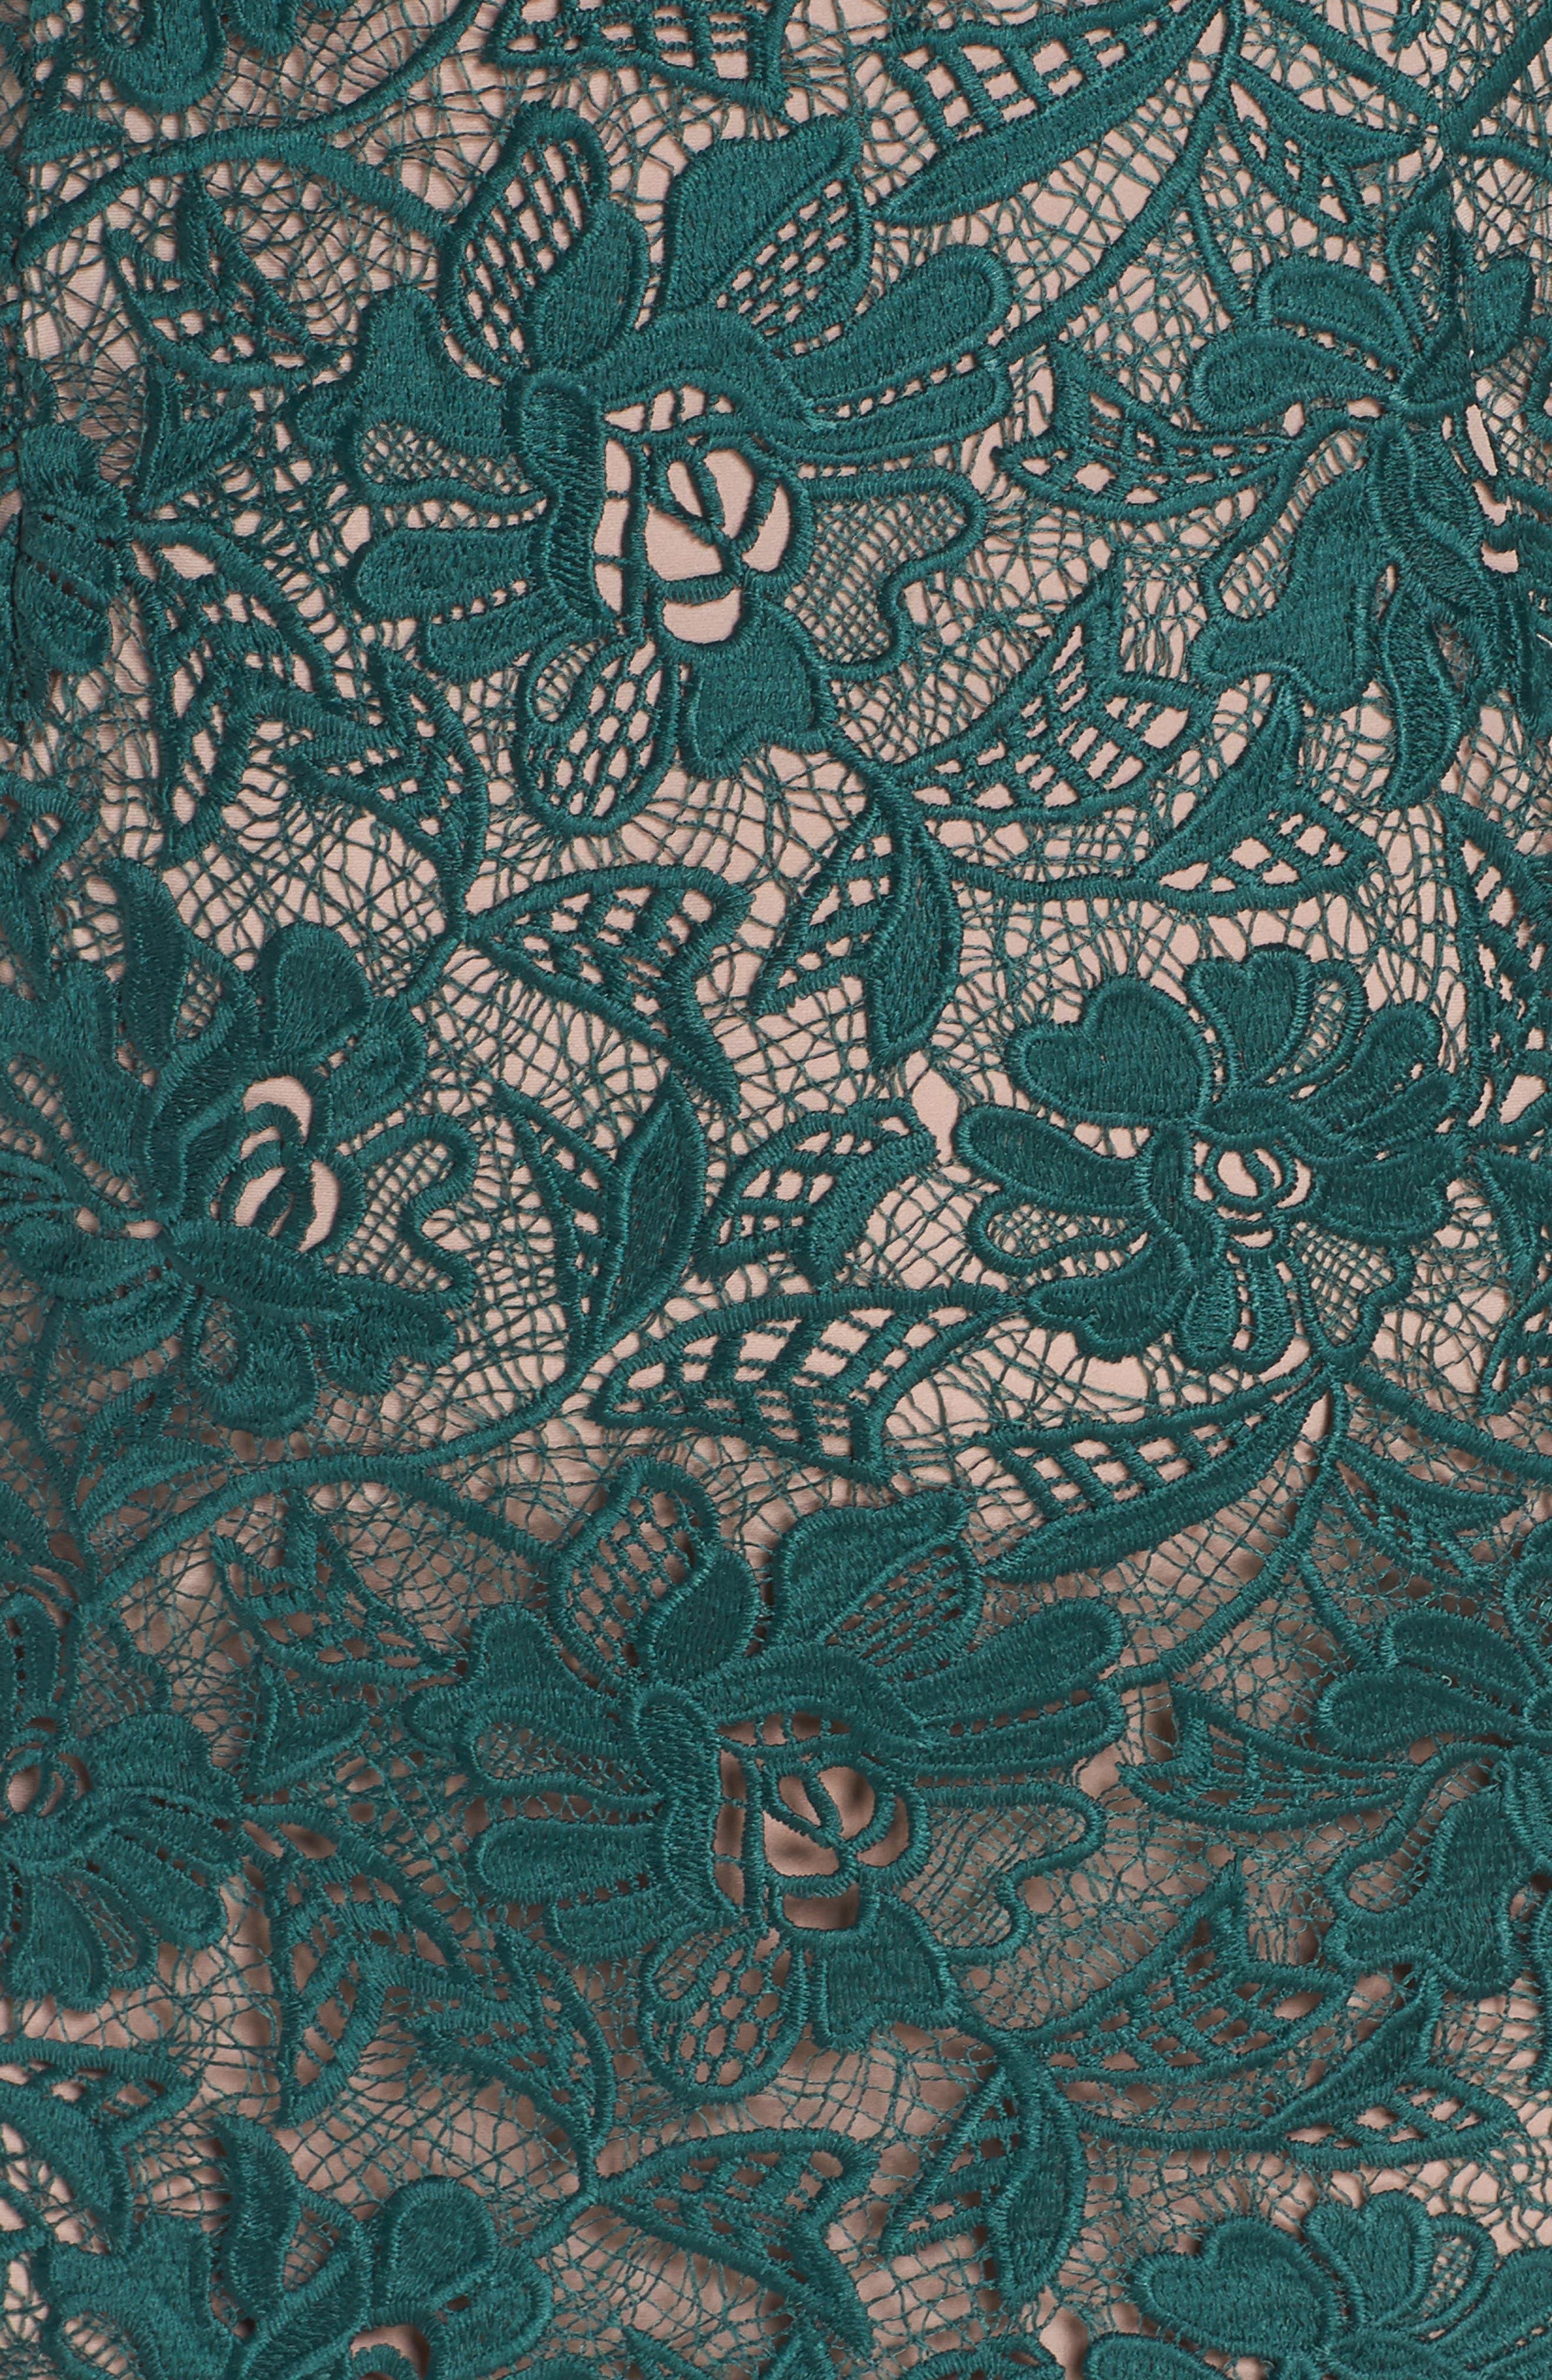 Lace Mock Neck Midi Dress,                             Alternate thumbnail 6, color,                             301